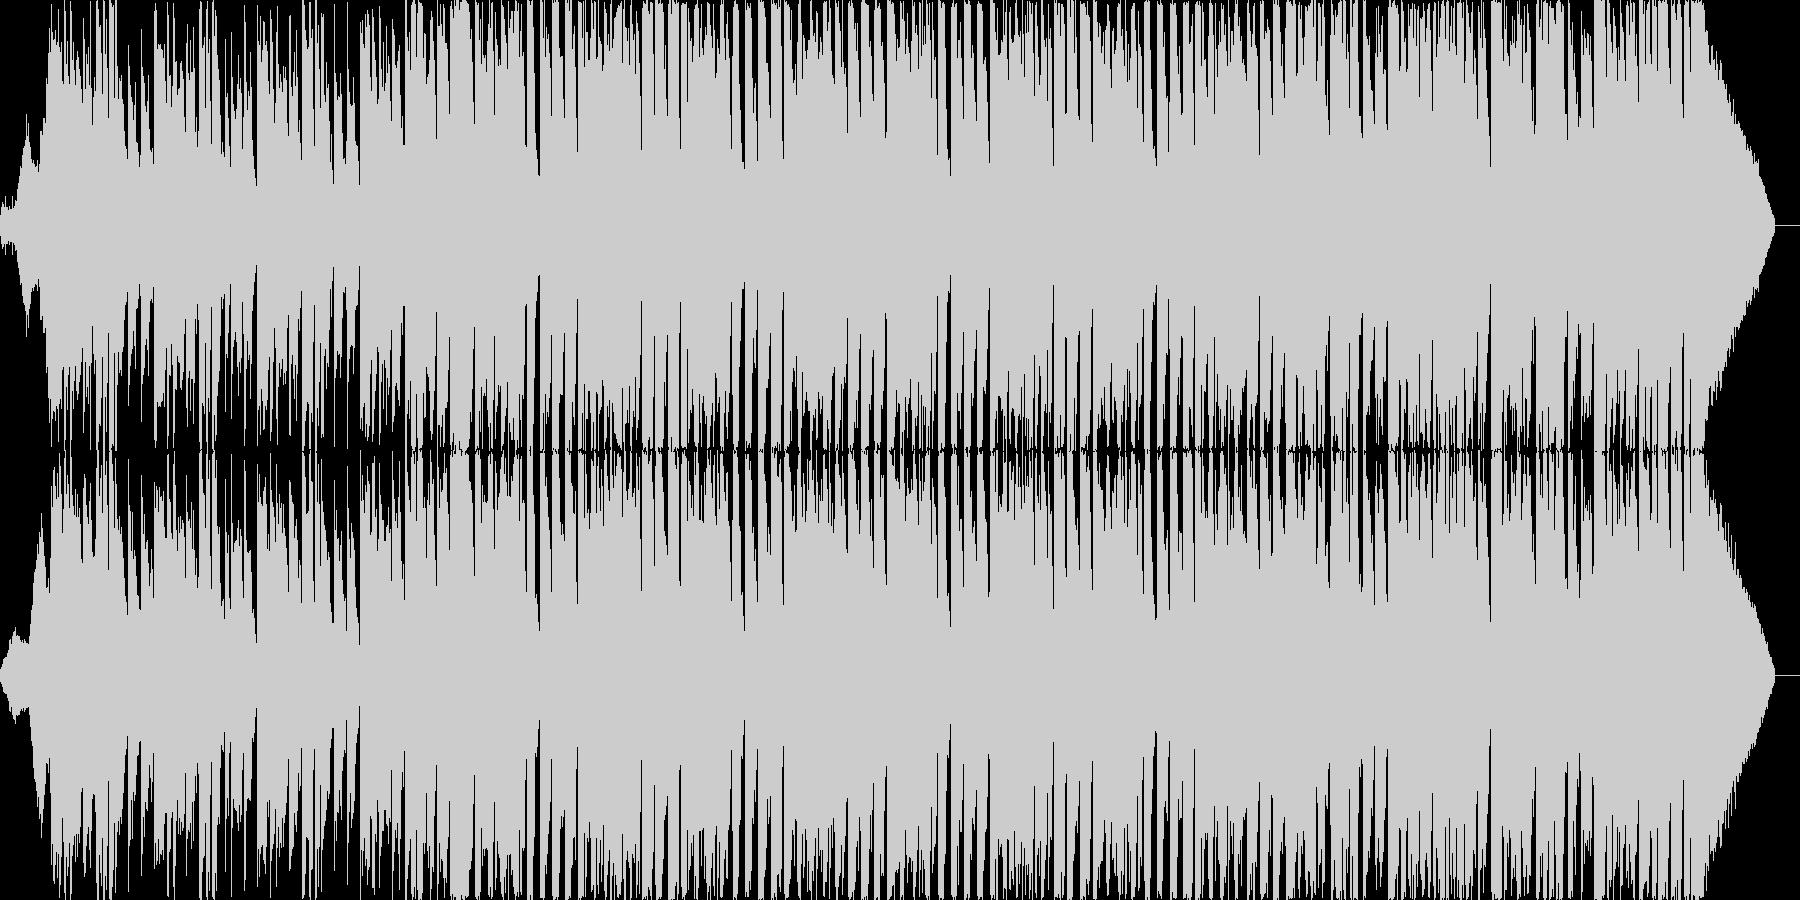 爽やか明るいエレクトロポップオープニングの未再生の波形